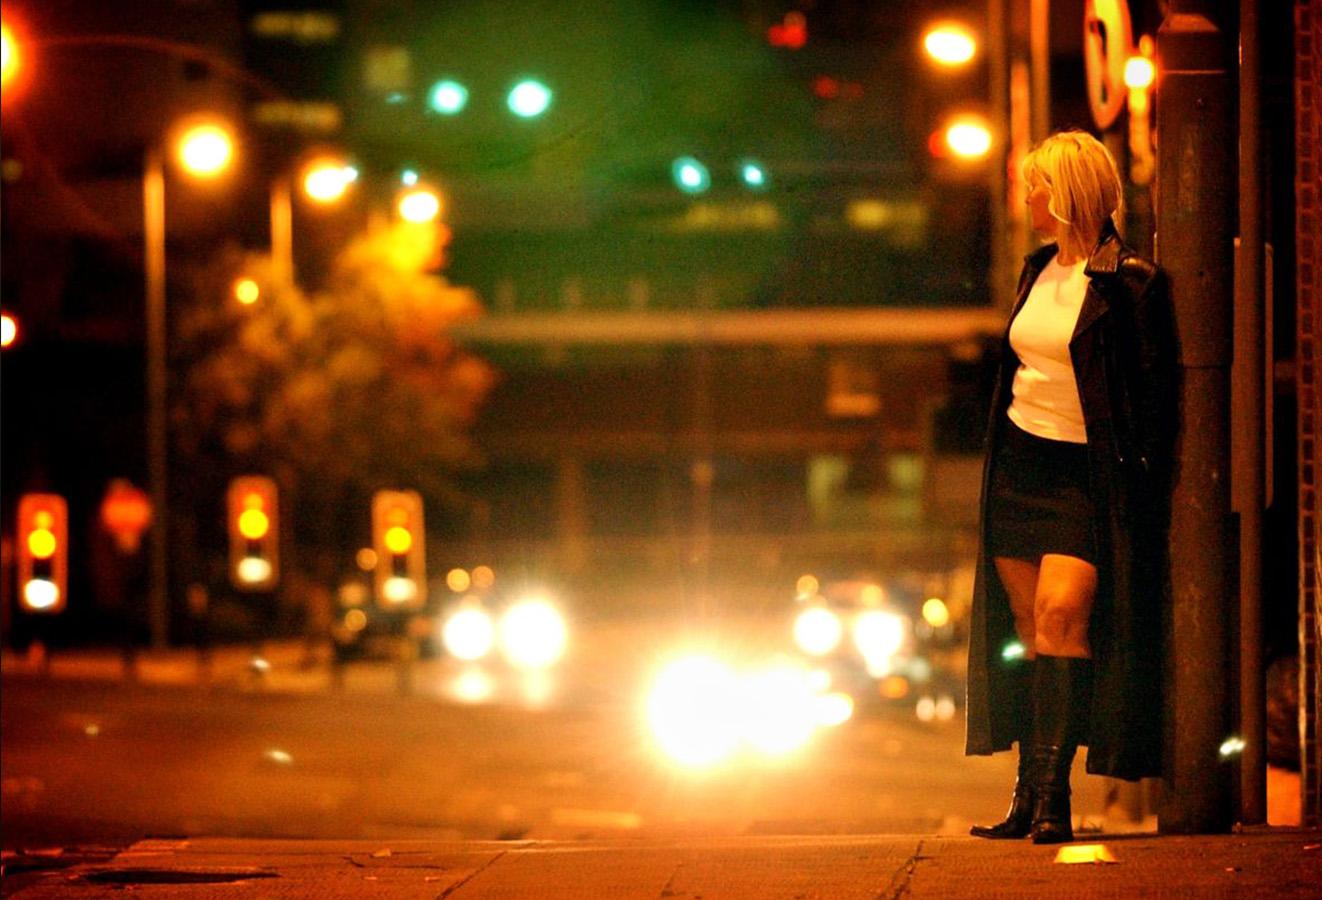 проститутка на ночной улице